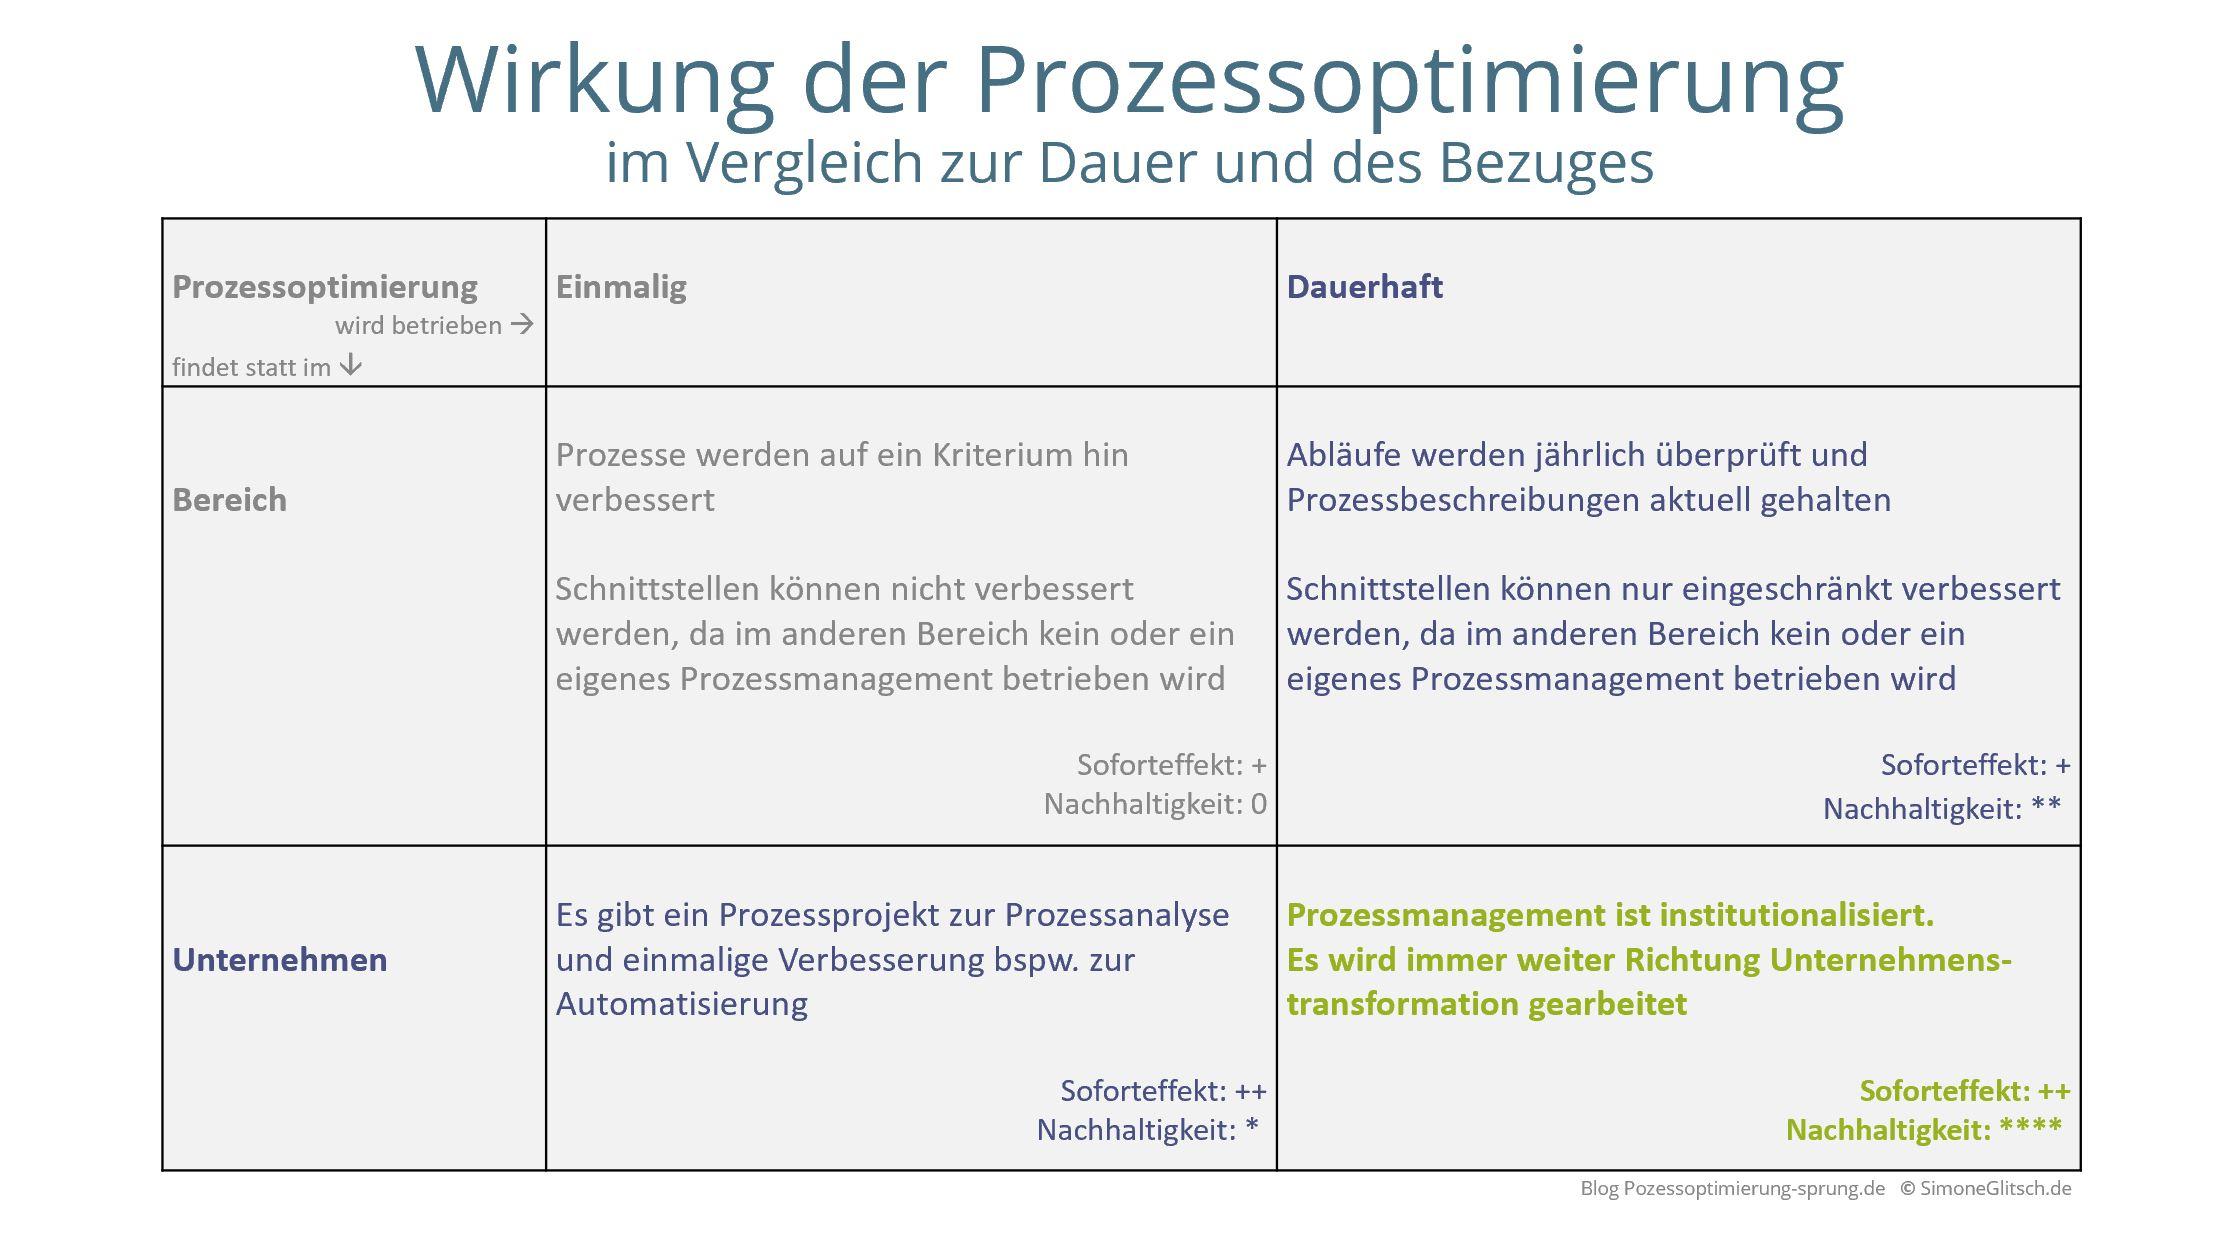 Prozessoptimierung - Wirkung im Vergleich